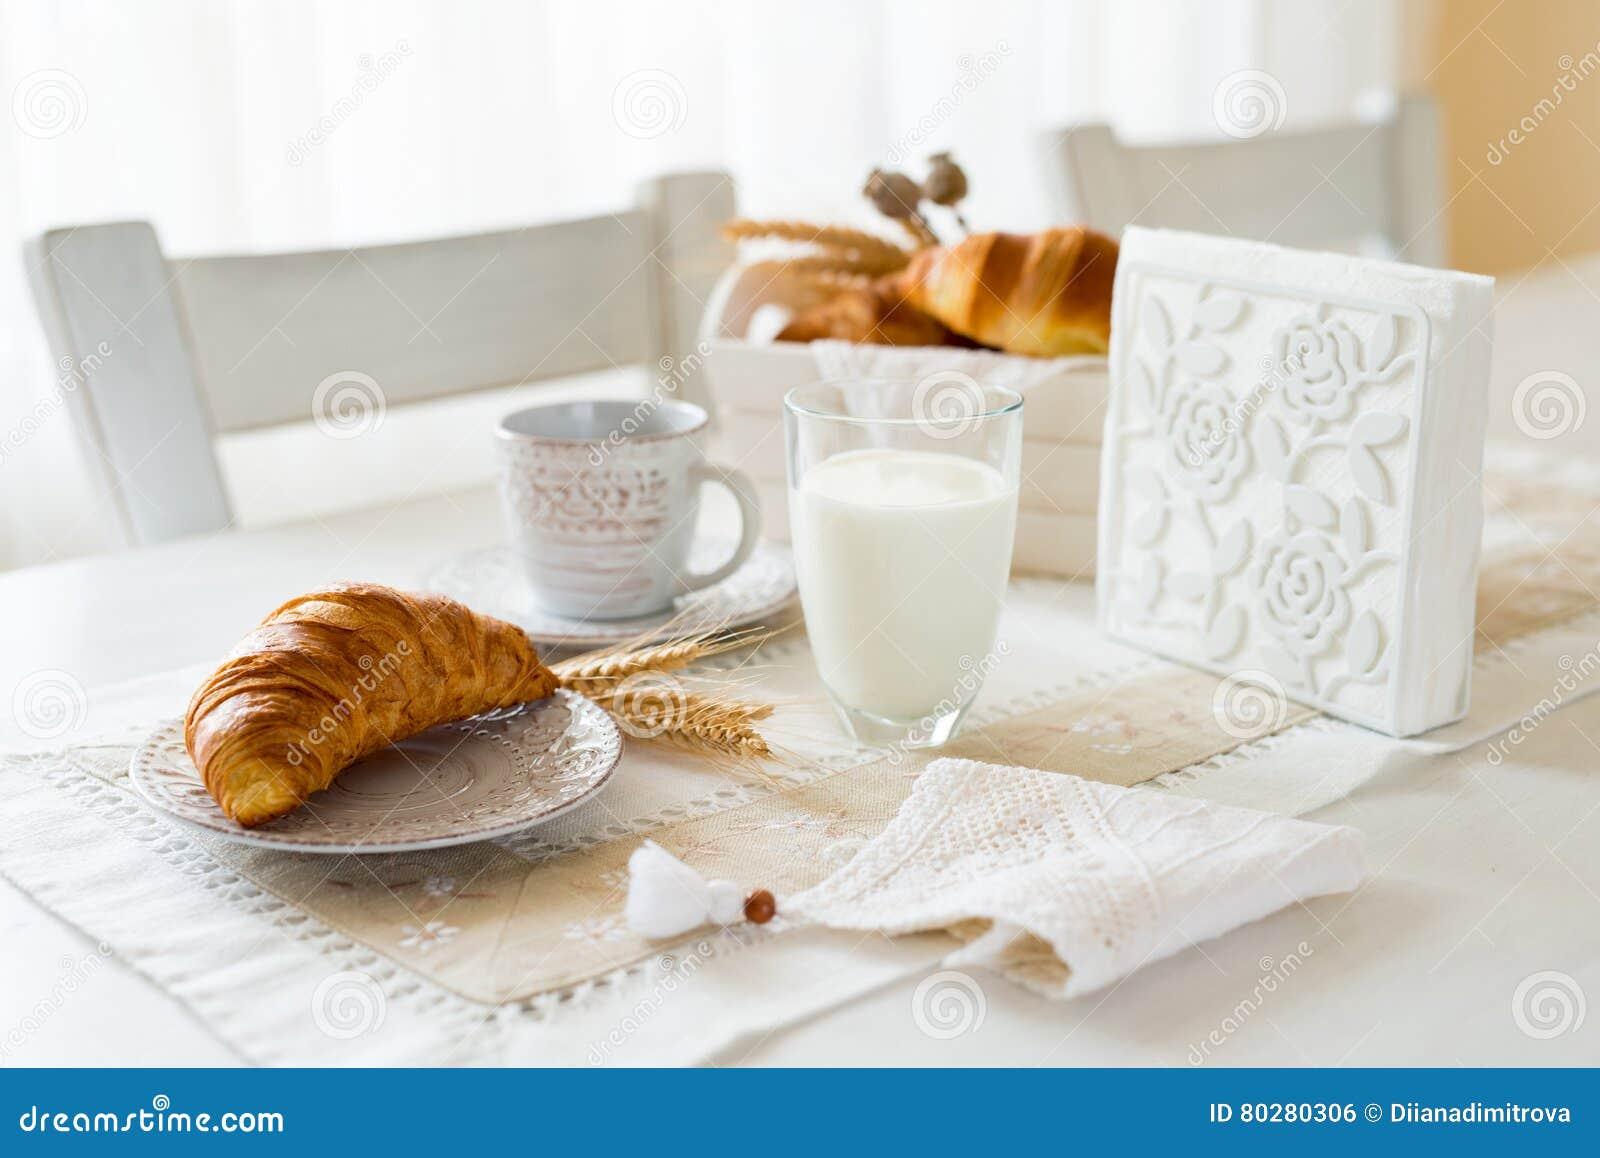 Prima colazione con i croissant di recente al forno